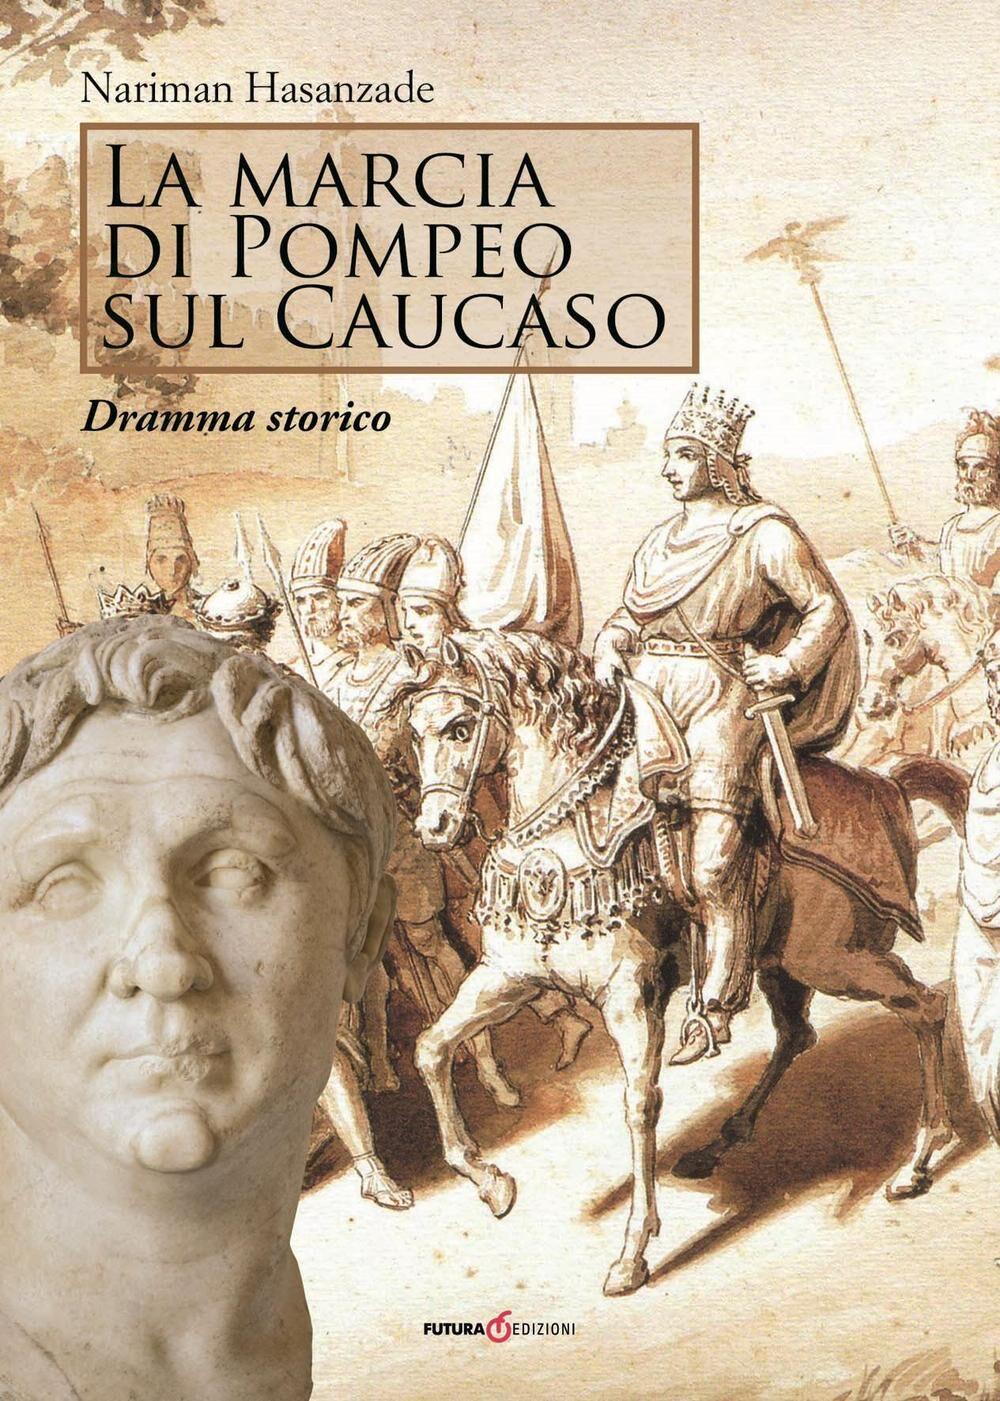 La marcia di Pompeo sul Caucaso. Dramma storico